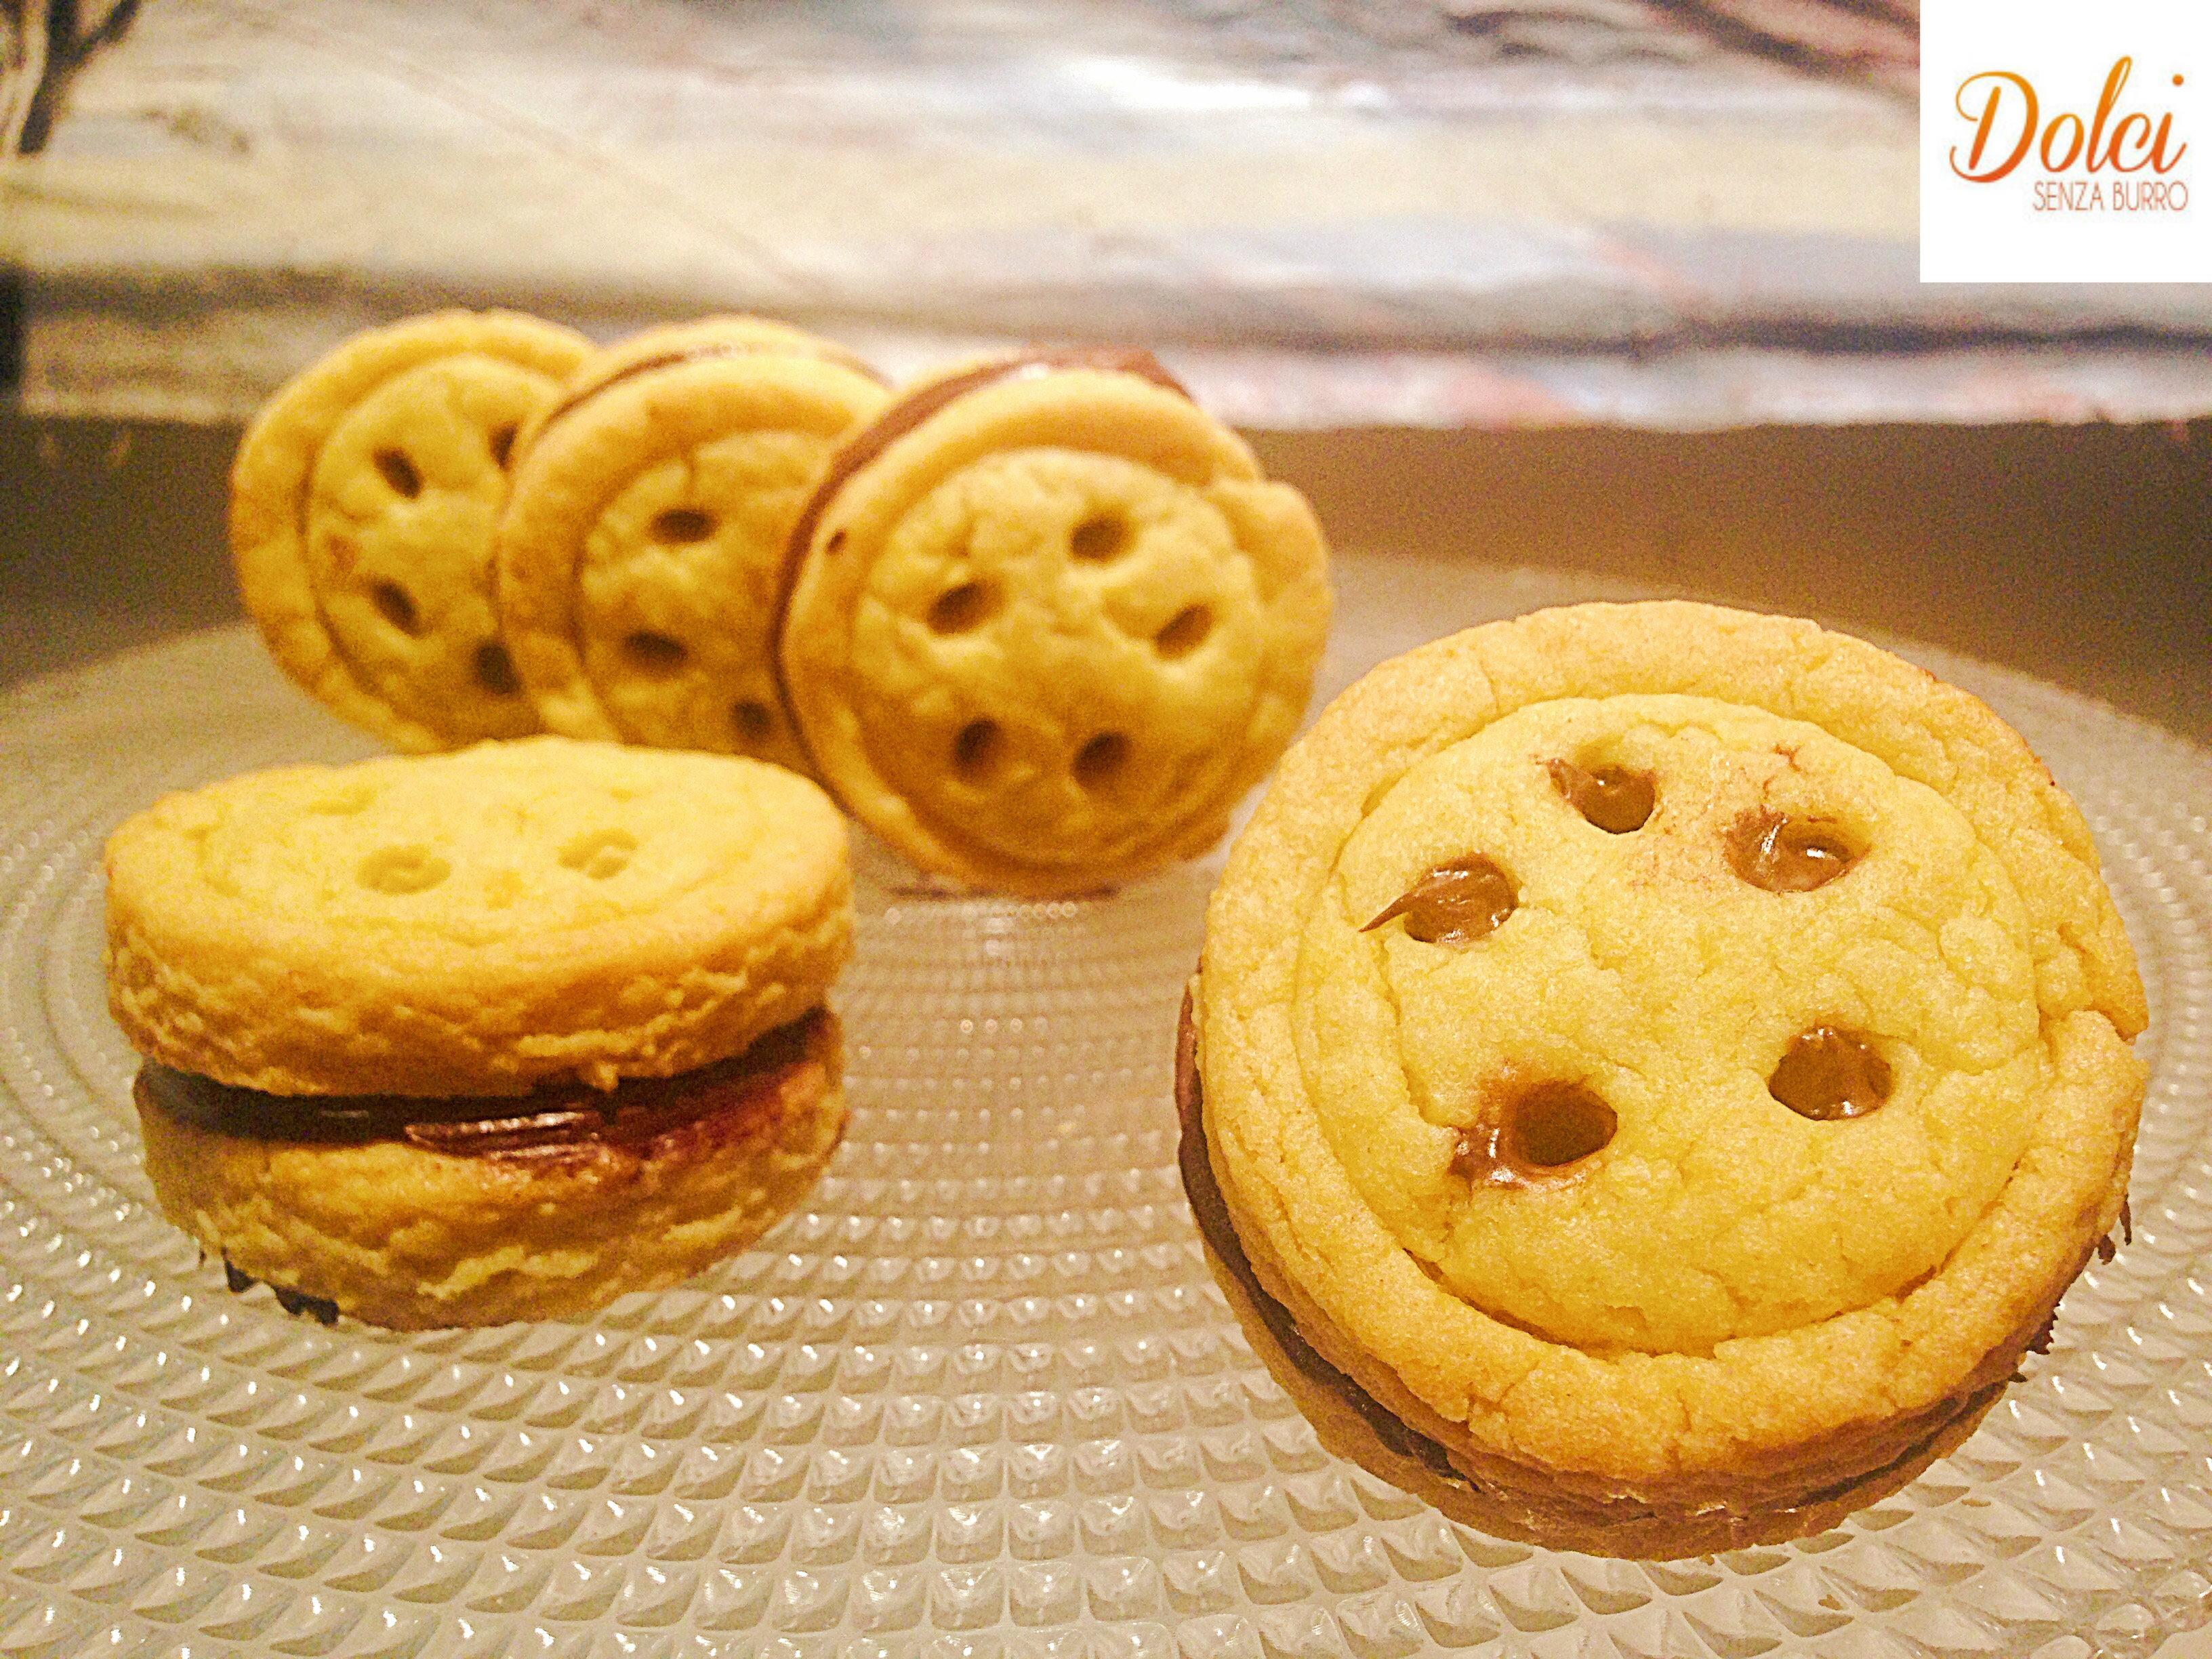 La Ricetta Baiocchi fatti in casa, i biscotti baiocchi mulino bianco in versione sana e genuina di dolci senza burro